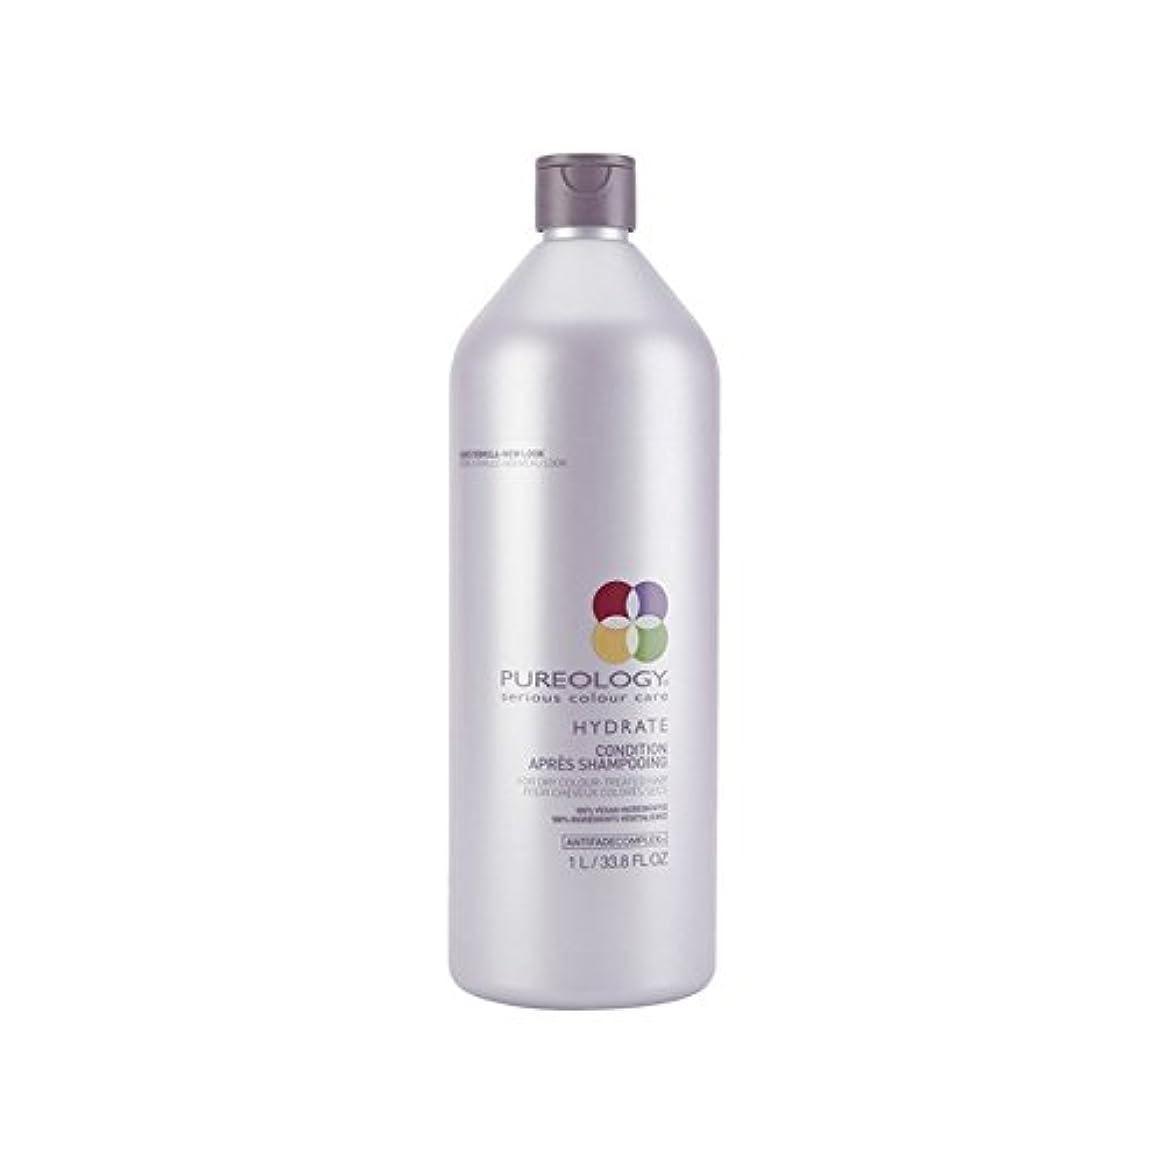 通知するロードハウス綺麗な純粋な水和物コンディショナー(千ミリリットル) x2 - Pureology Pure Hydrate Conditioner (1000ml) (Pack of 2) [並行輸入品]